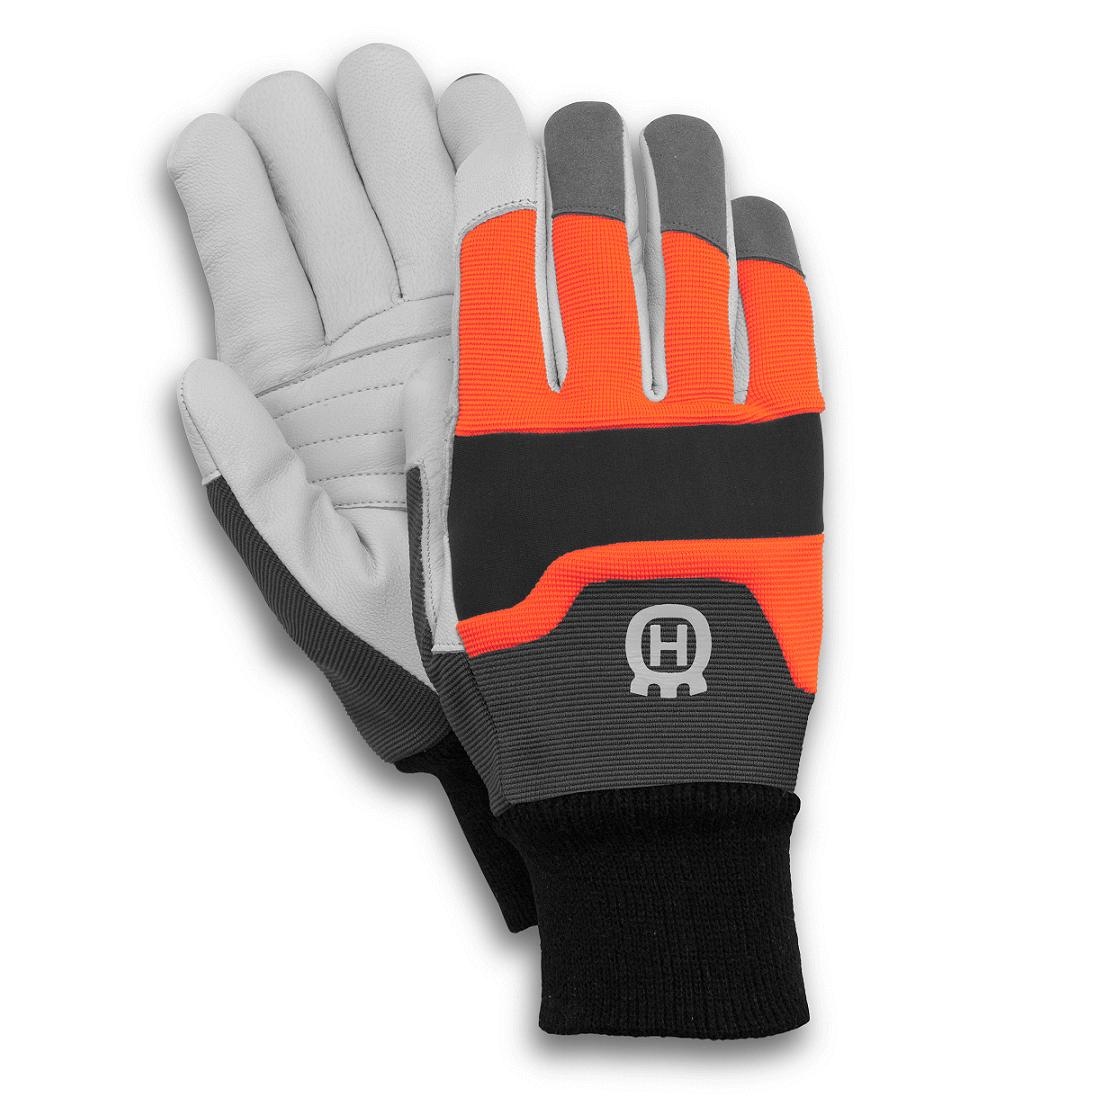 Handschoenen met zaagbescherming Functional